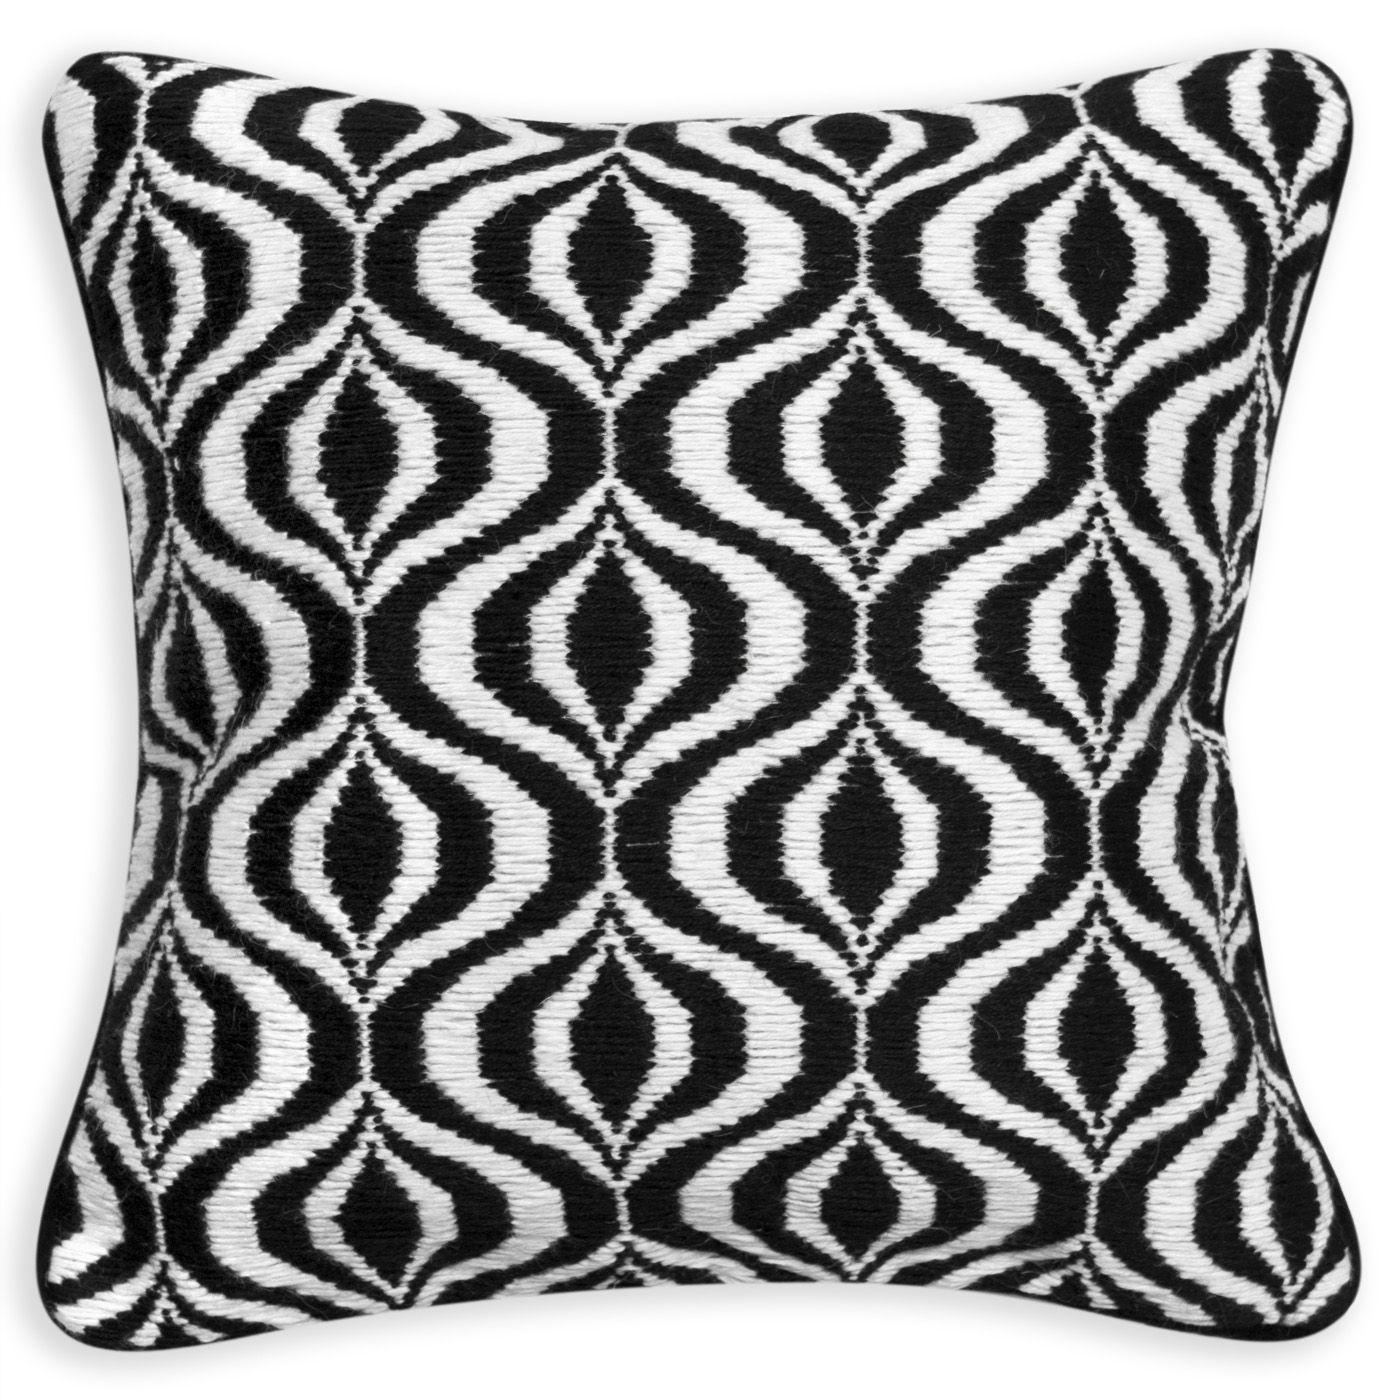 Modern Throw Pillows Black And White Waves Bargello